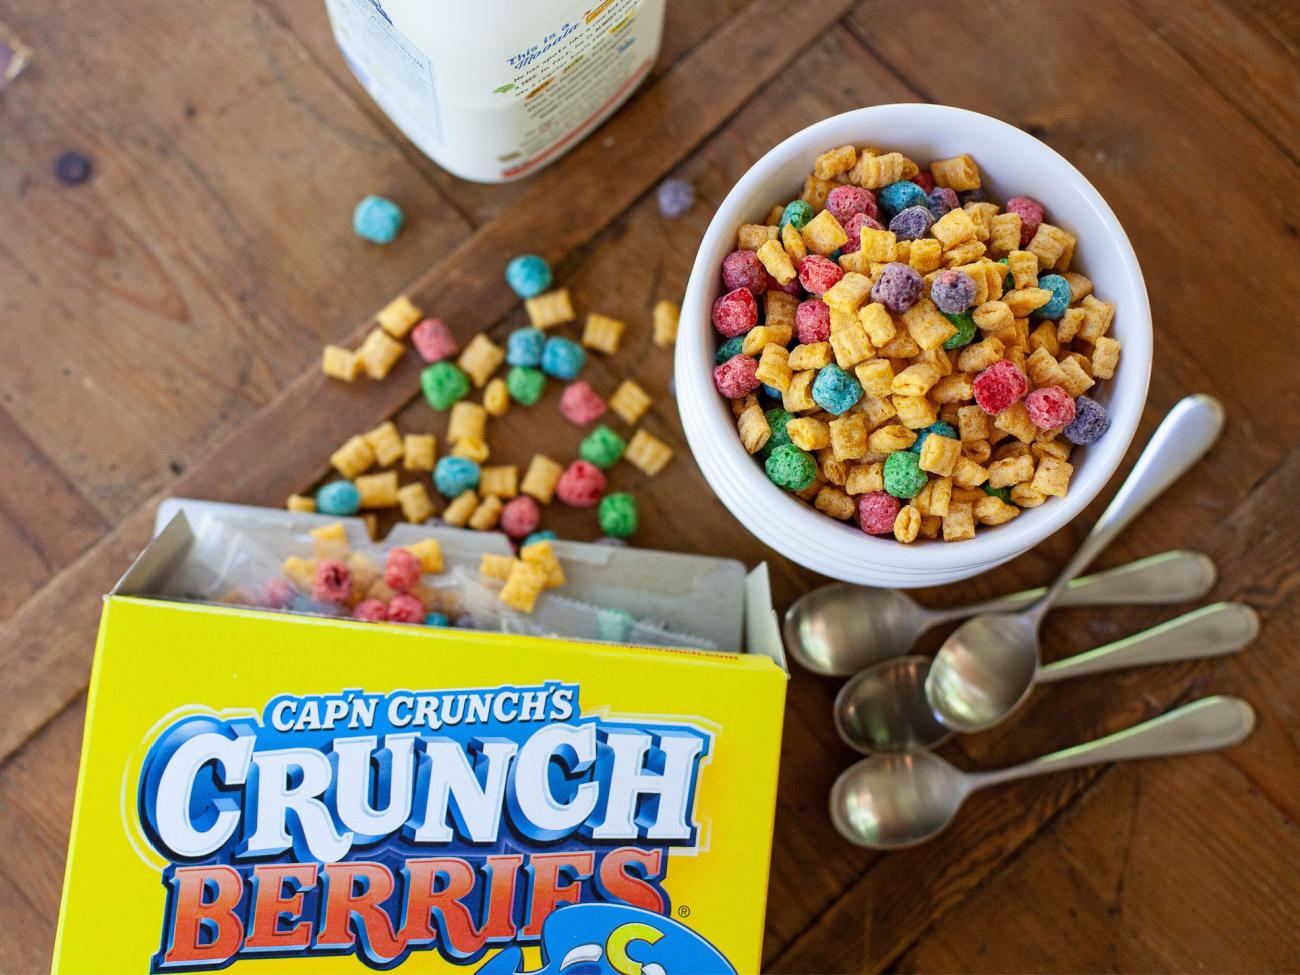 New Quaker Cap'N Crunch Cereal Coupon Makes BIG Boxes Just $1.98 At Publix on I Heart Publix